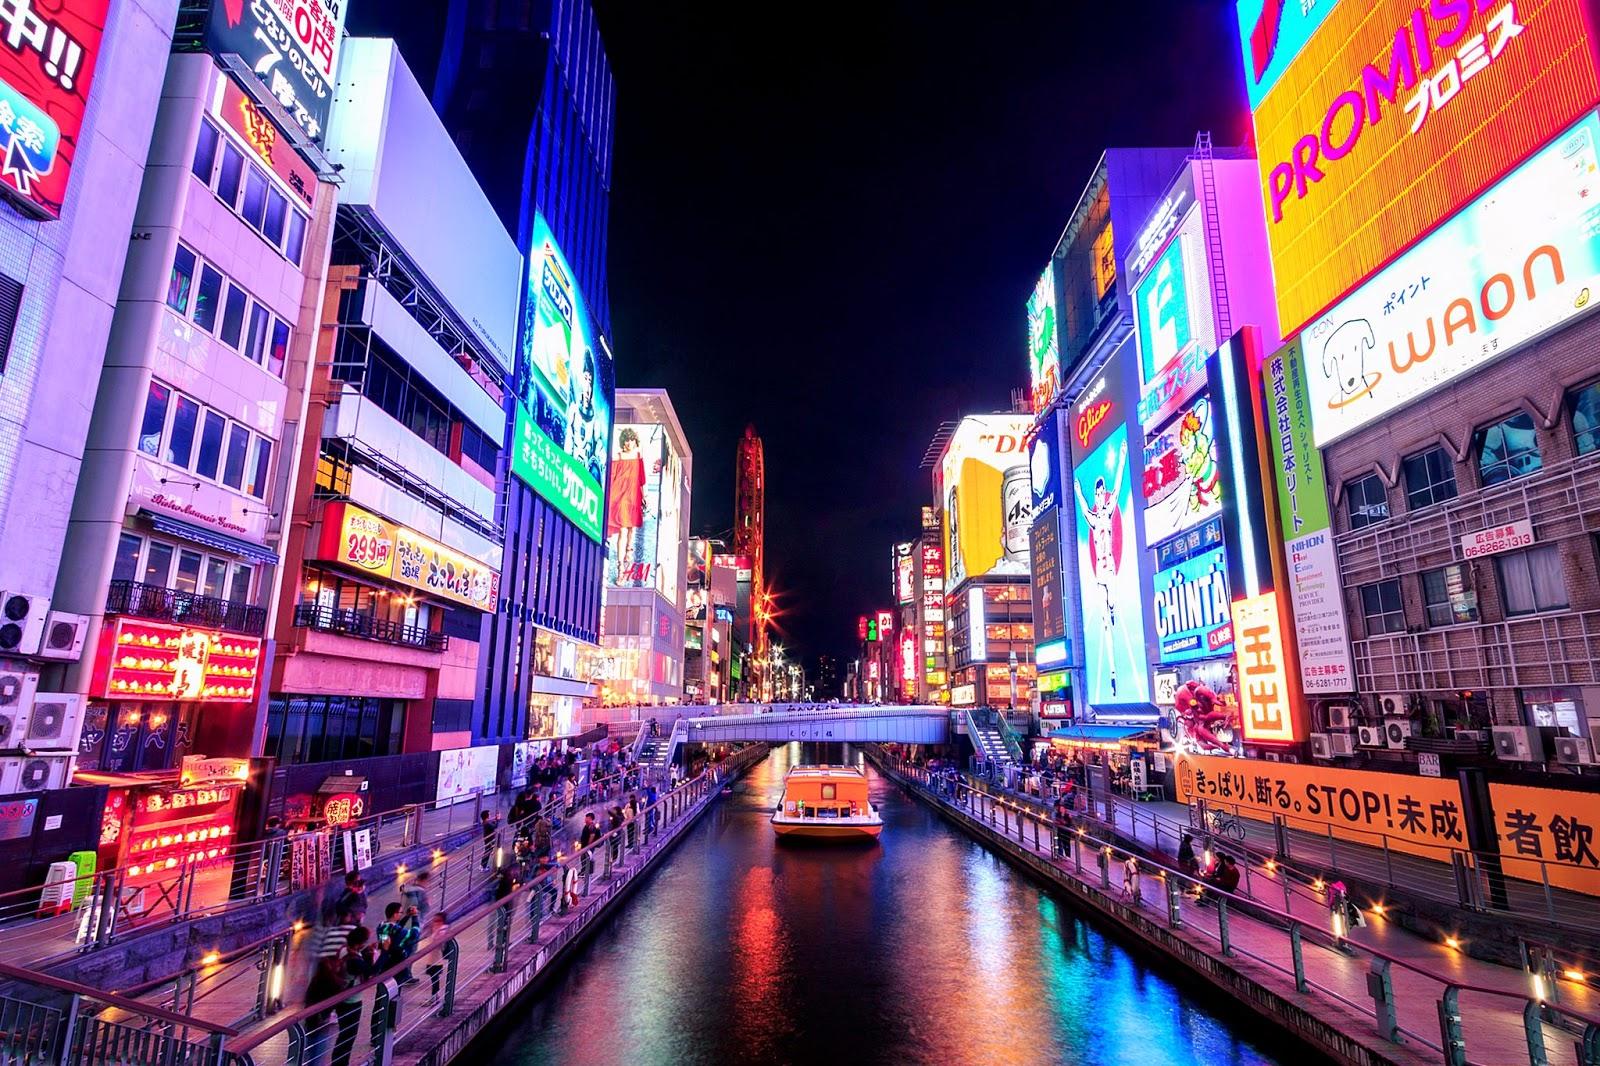 大阪-大阪景點-推薦-大阪市區景點-自由行景點-大阪必遊景點-大阪必去景點-大阪旅遊景點-大阪觀光景點-大阪行程-一日遊-二日遊-日本-osaka-tourist-attraction-travel